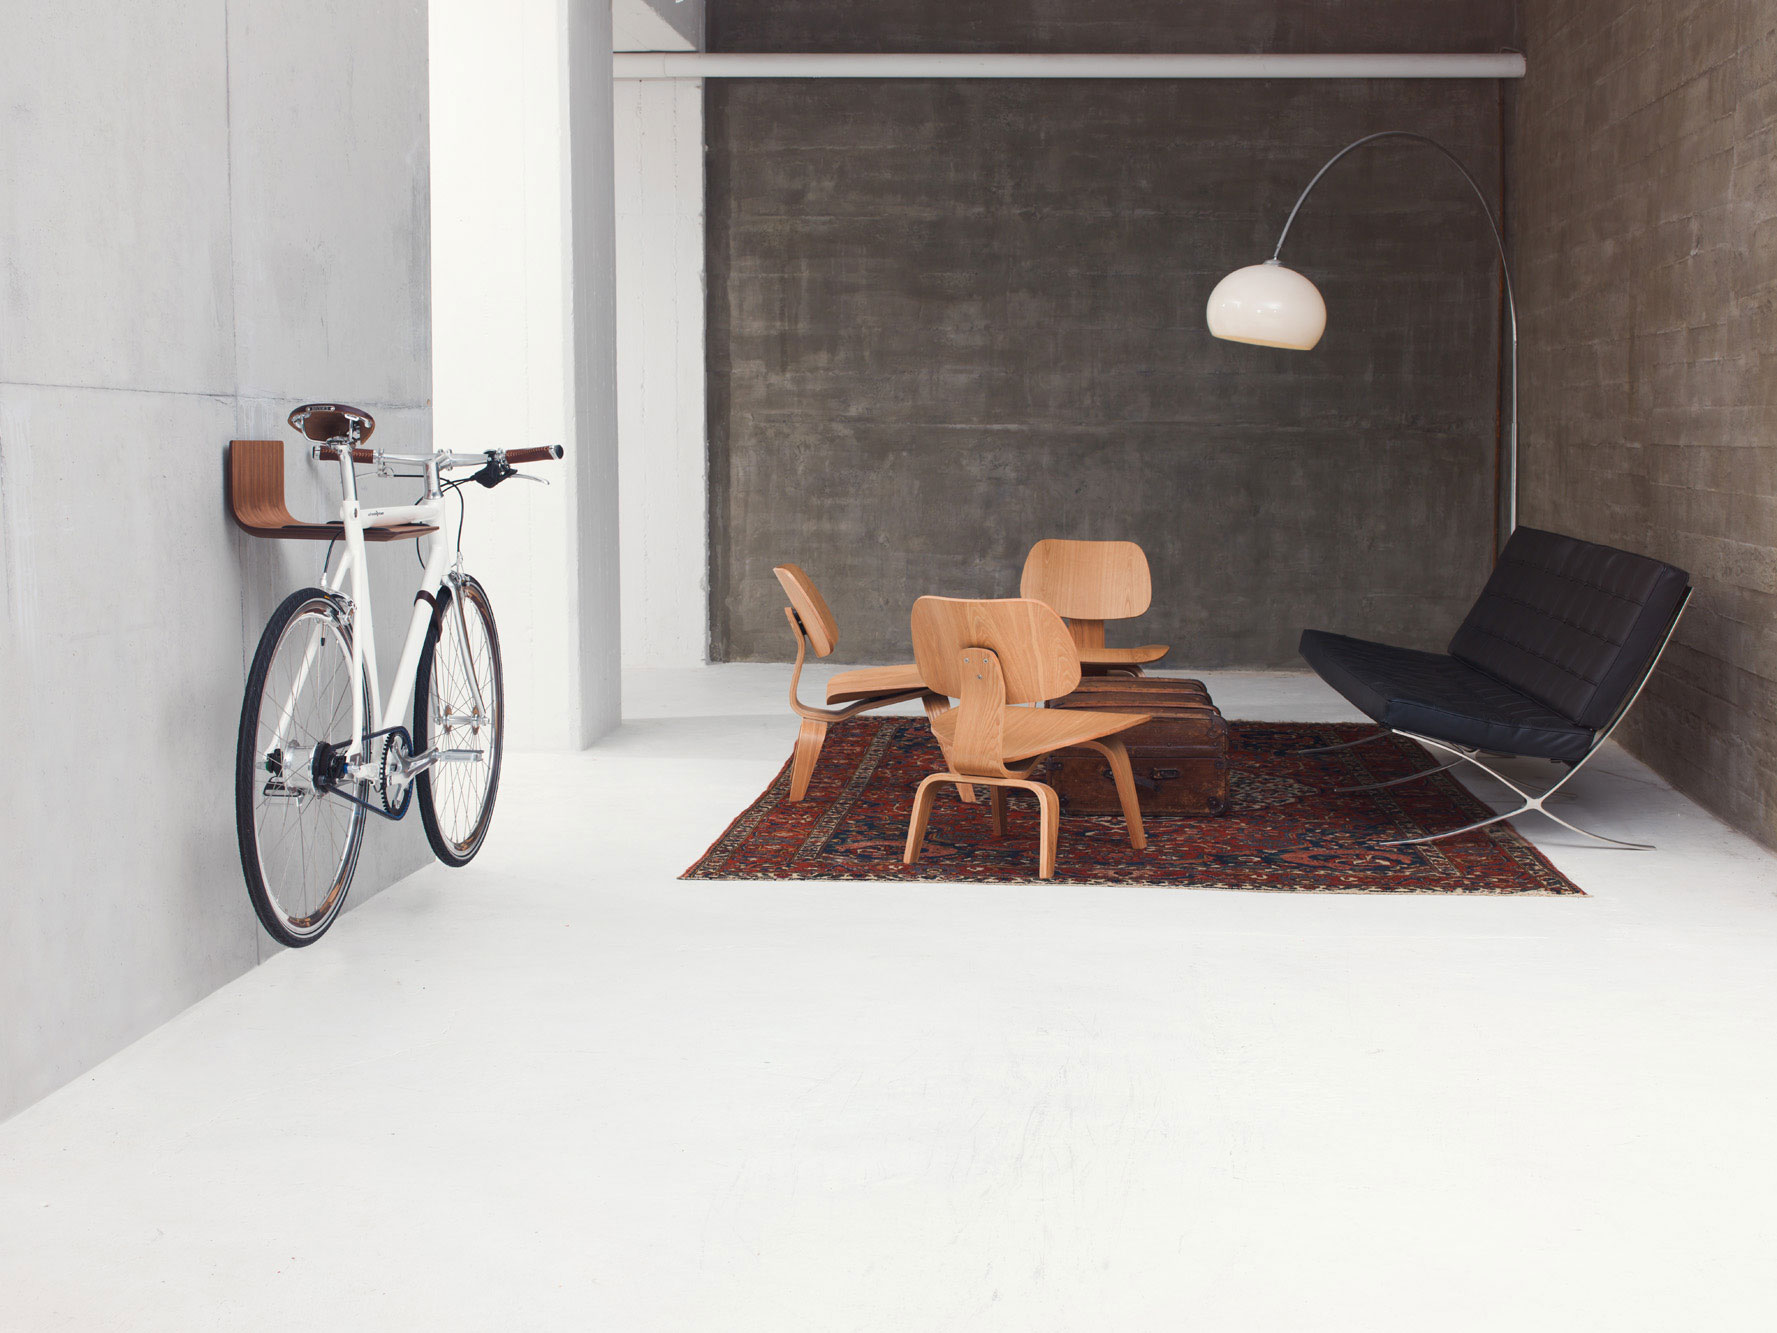 Schindelhauer Fahrrad Wandhalterung – Bild 10